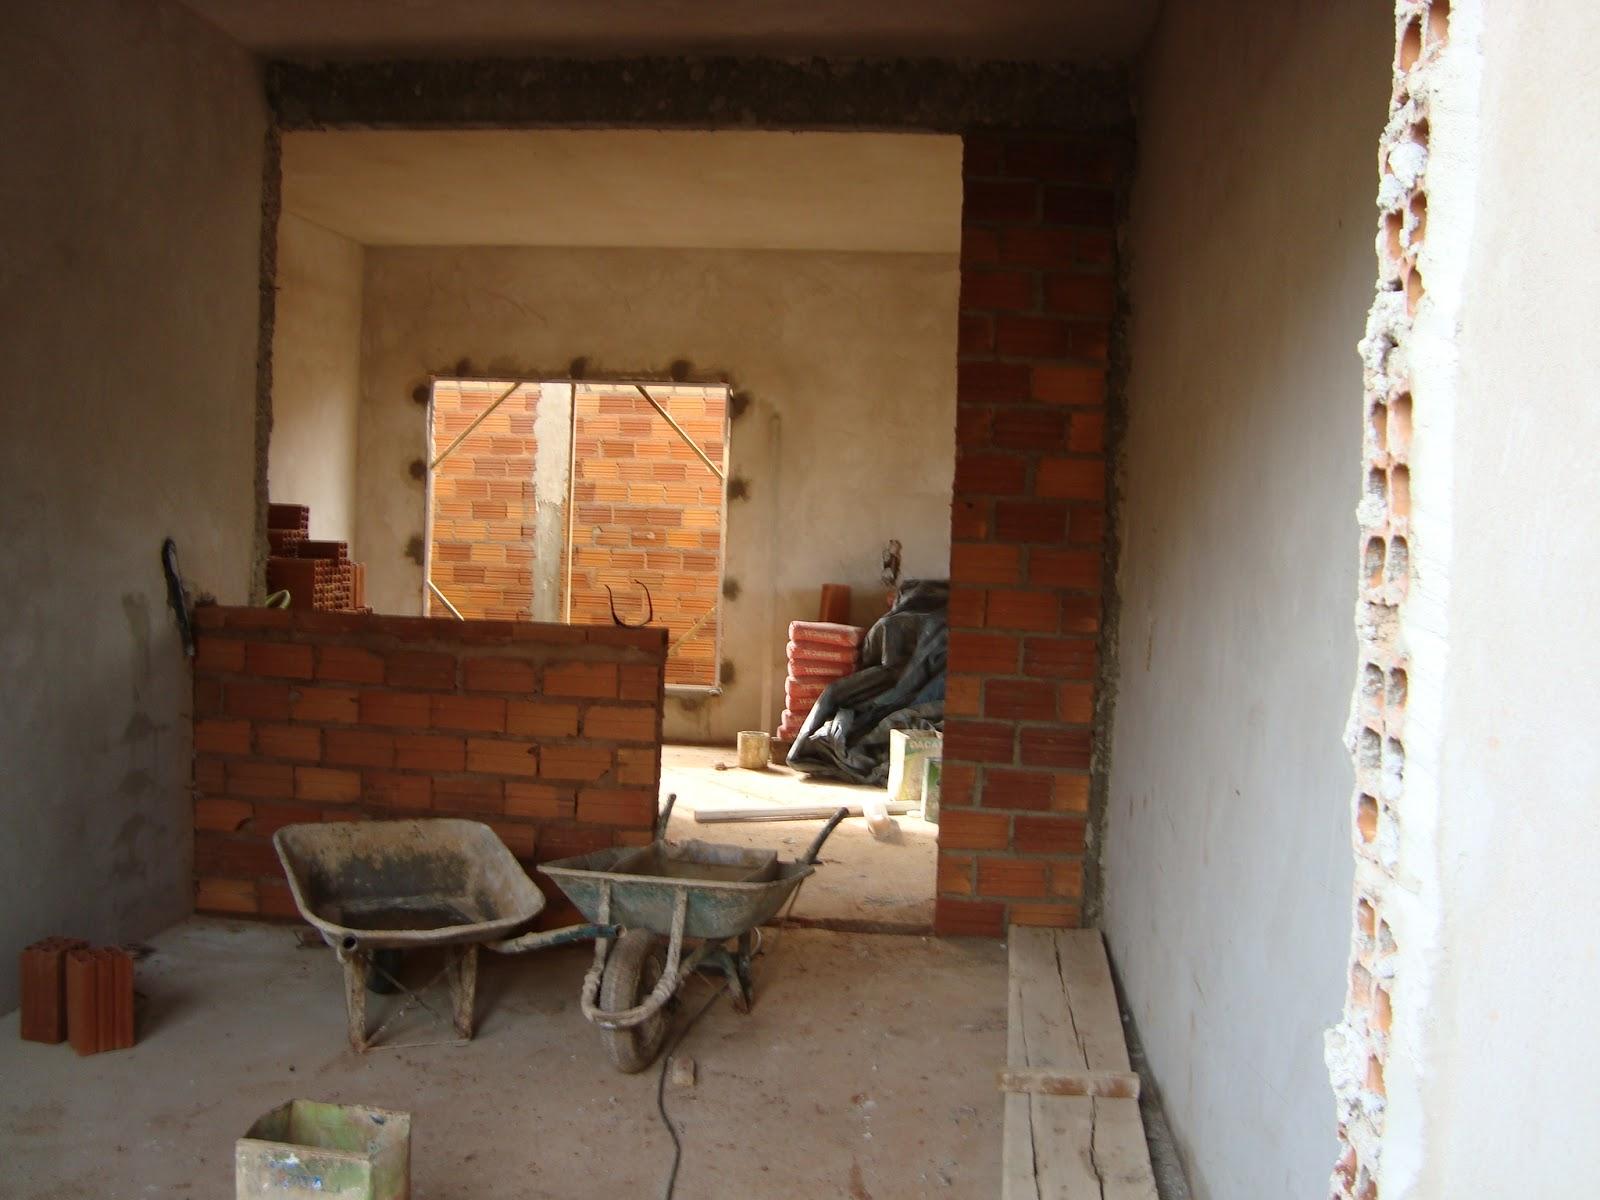 esse espaço pequeno embaixo da janela pra fazer um armário ou pia #9B5E30 1600 1200